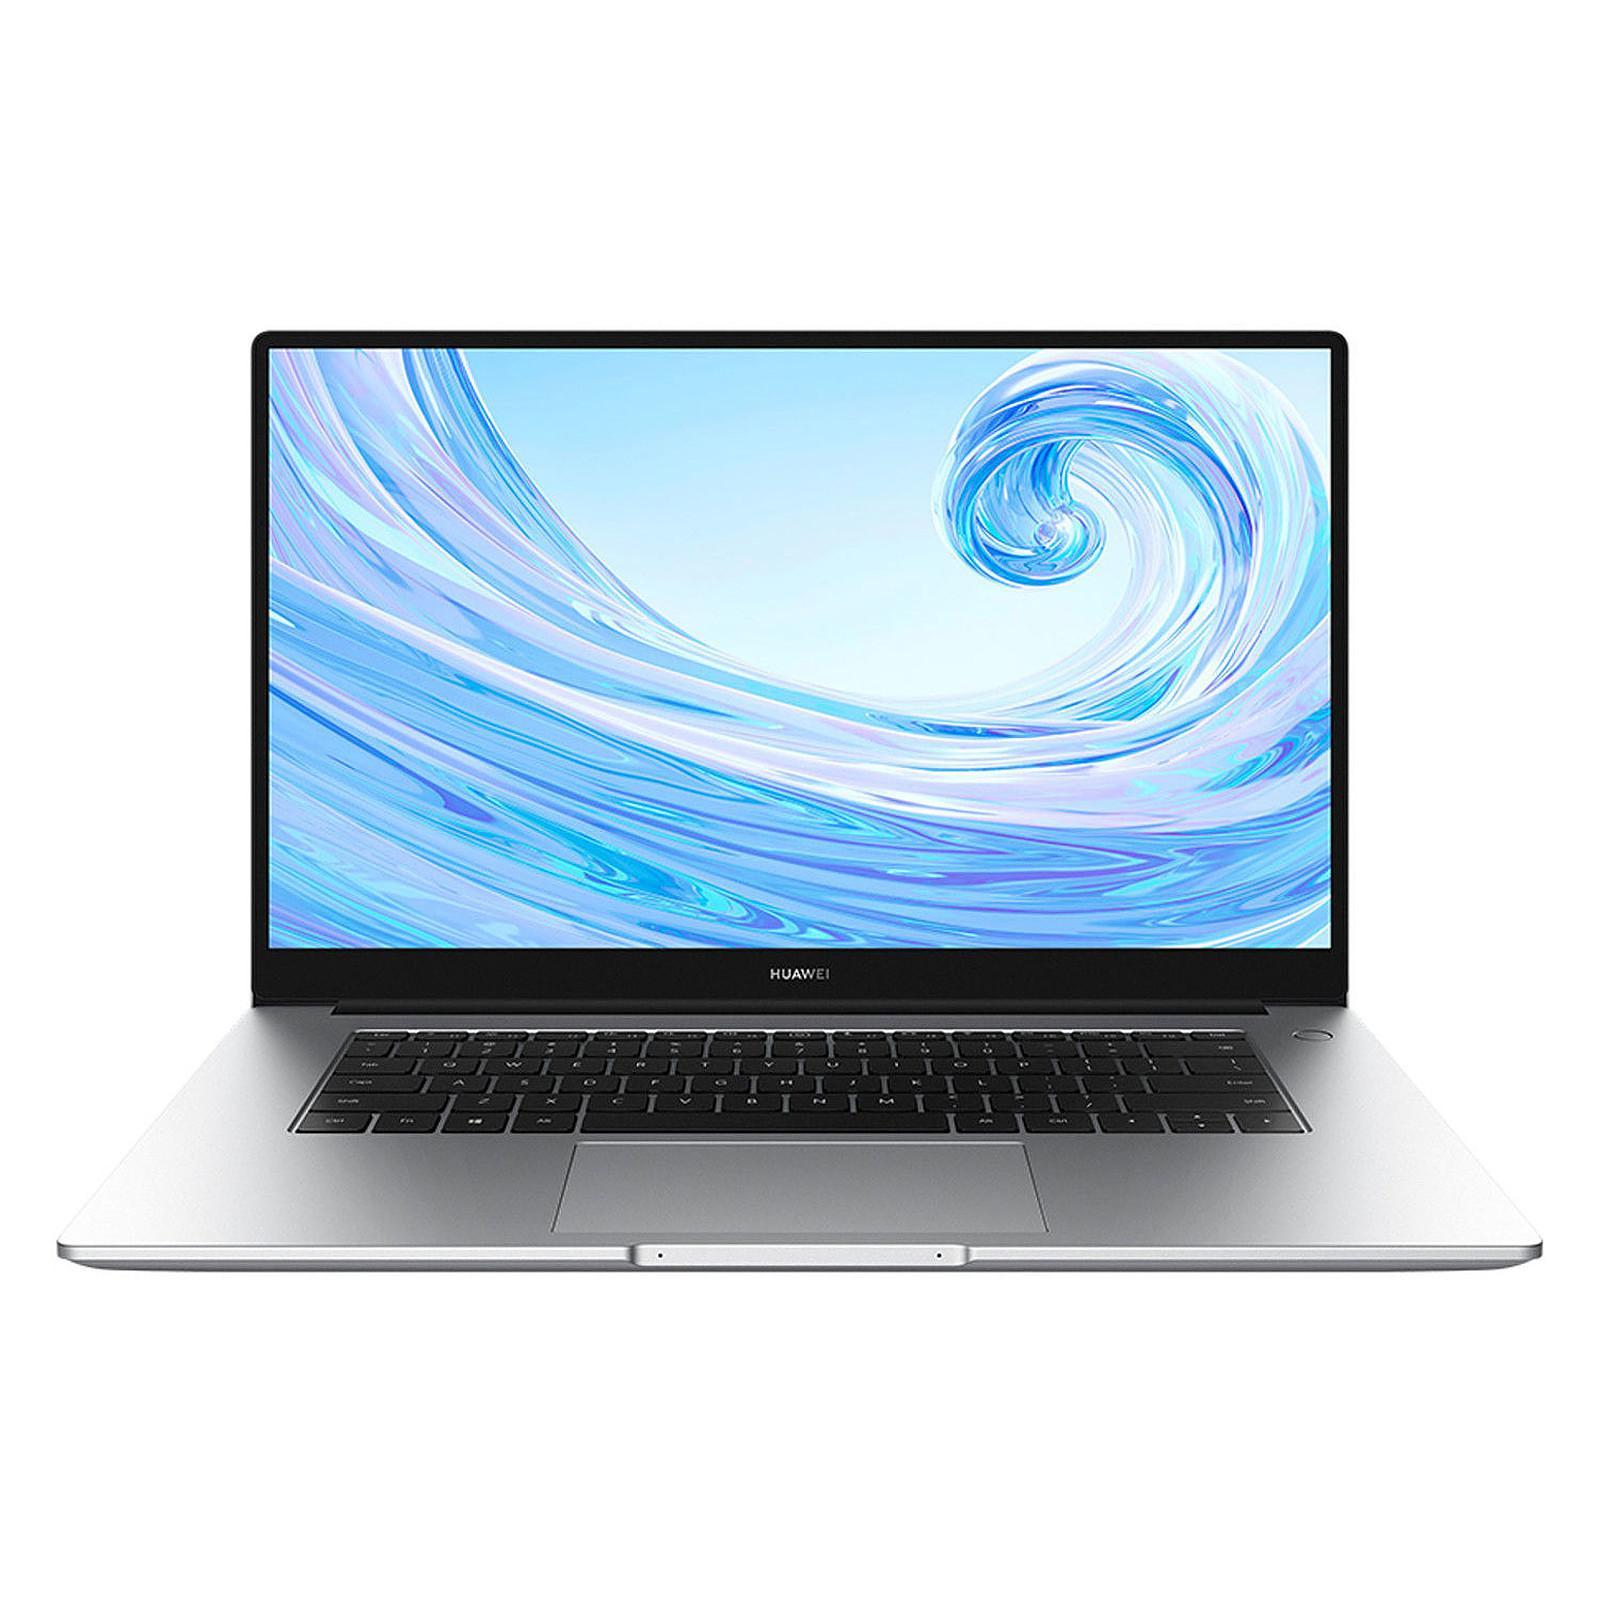 Huawei MateBook D 15 2020 (53010TUW)